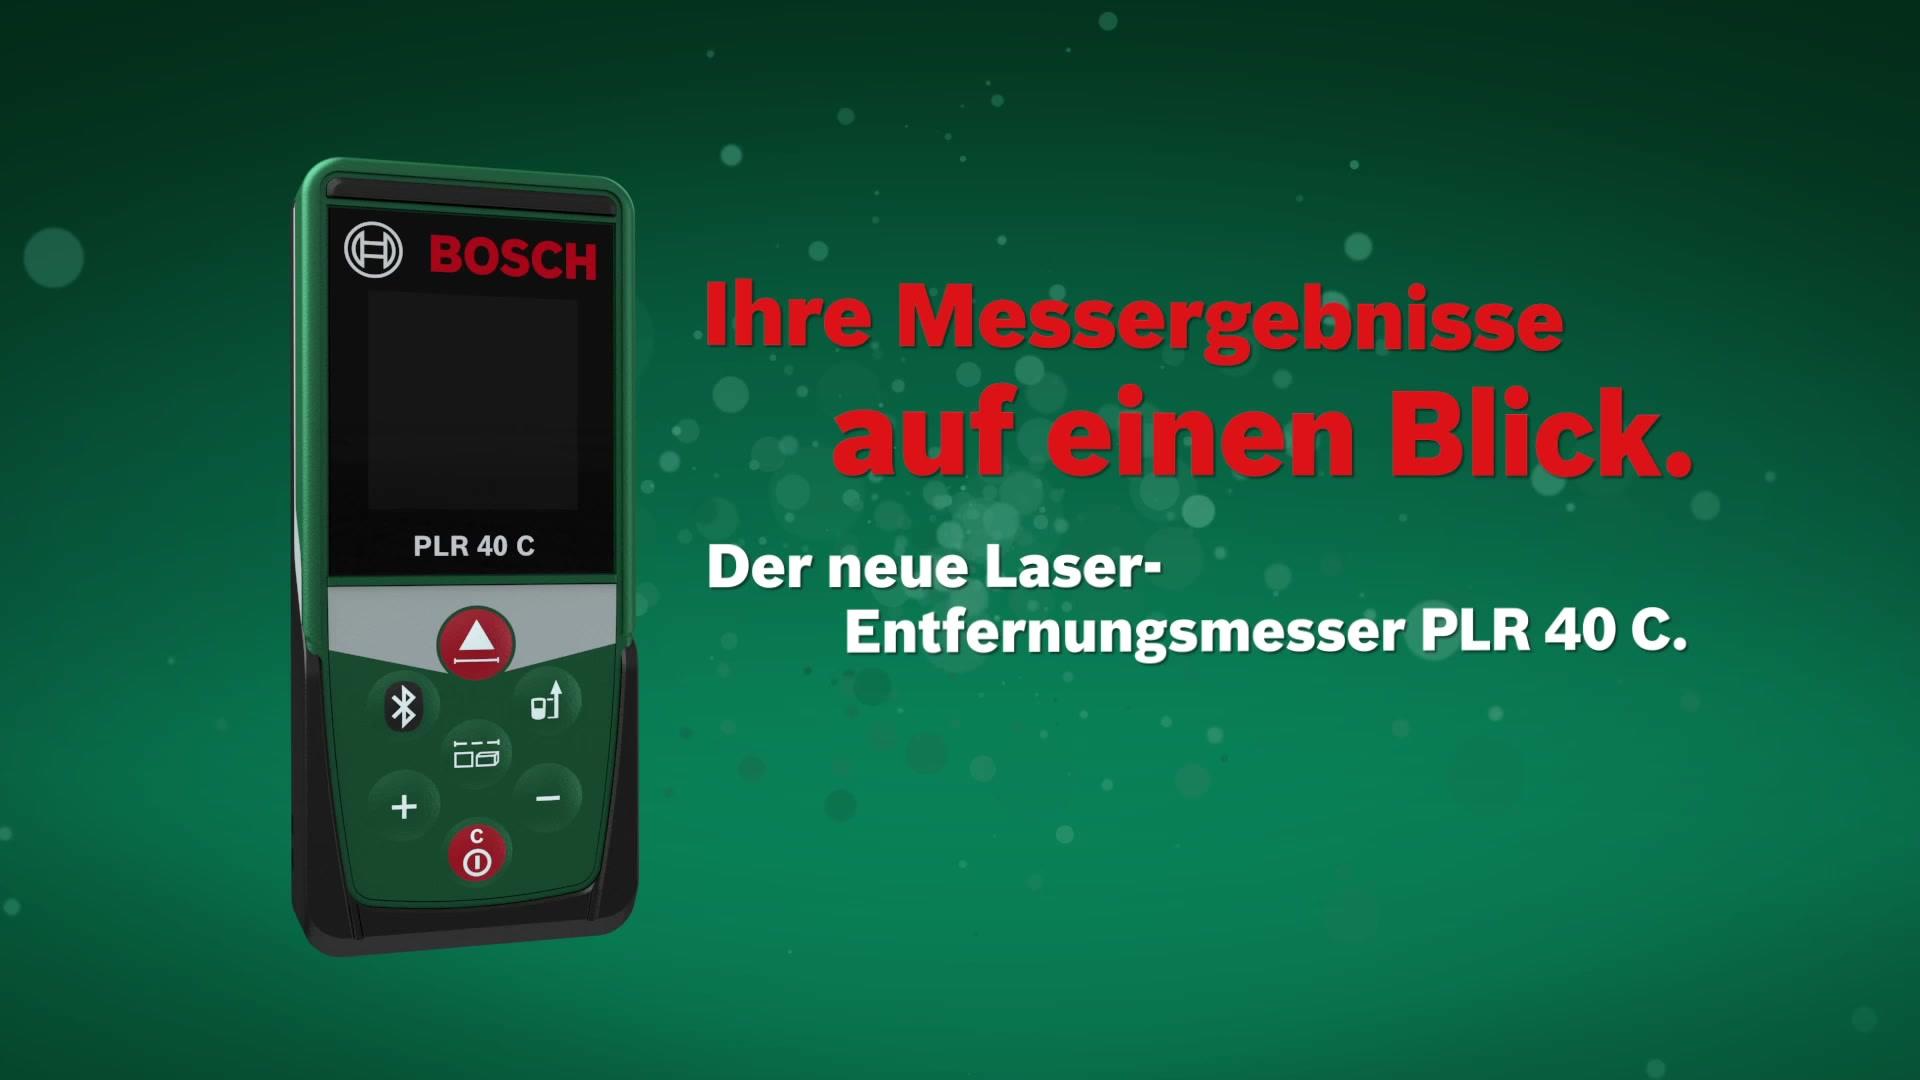 Bosch Laser Entfernungsmesser Hagebaumarkt : Bosch laser entfernungsmesser plr c« hagebau